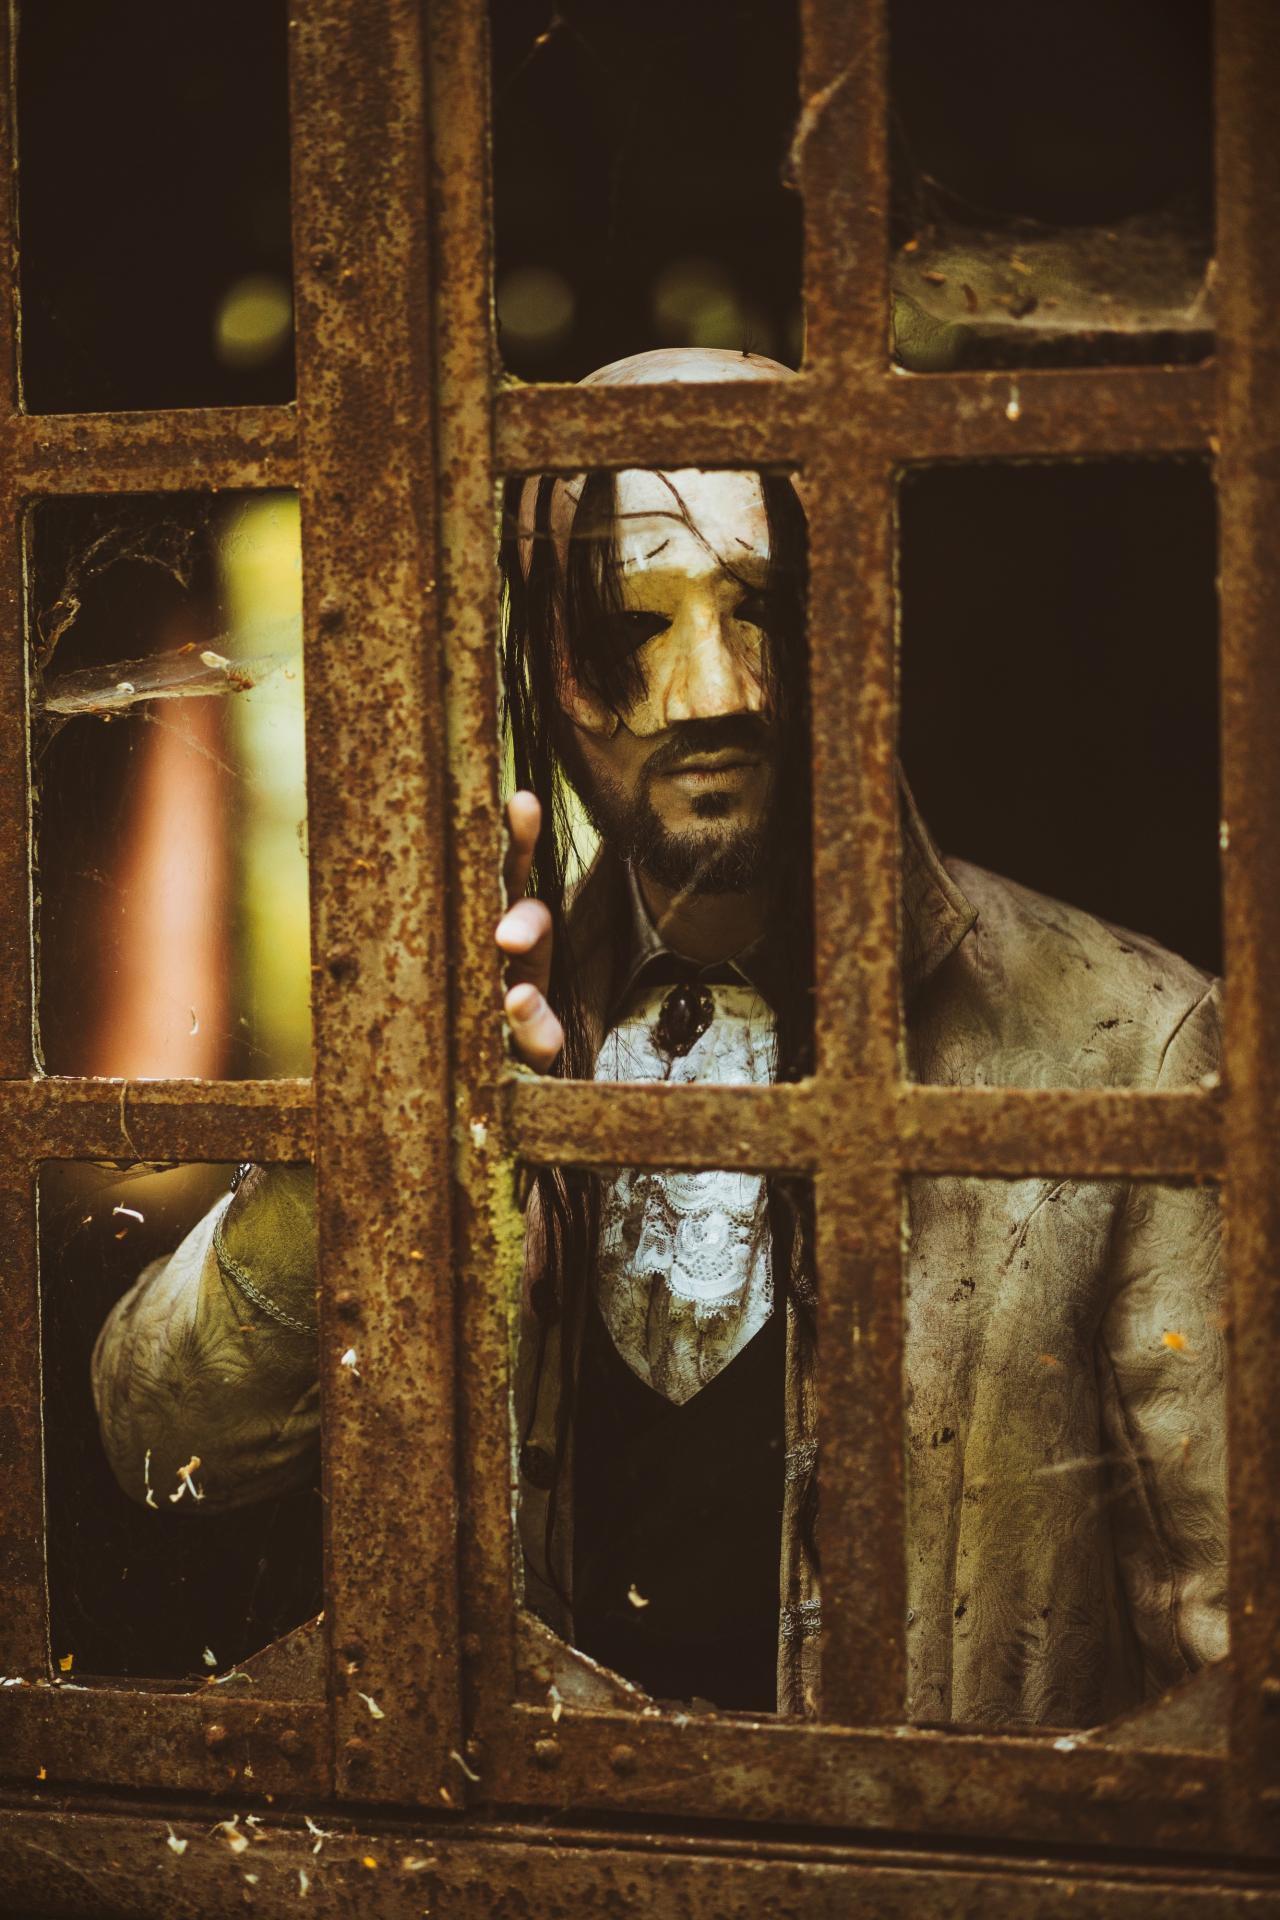 Exanimis : Le Maître des marionnettes (interview)